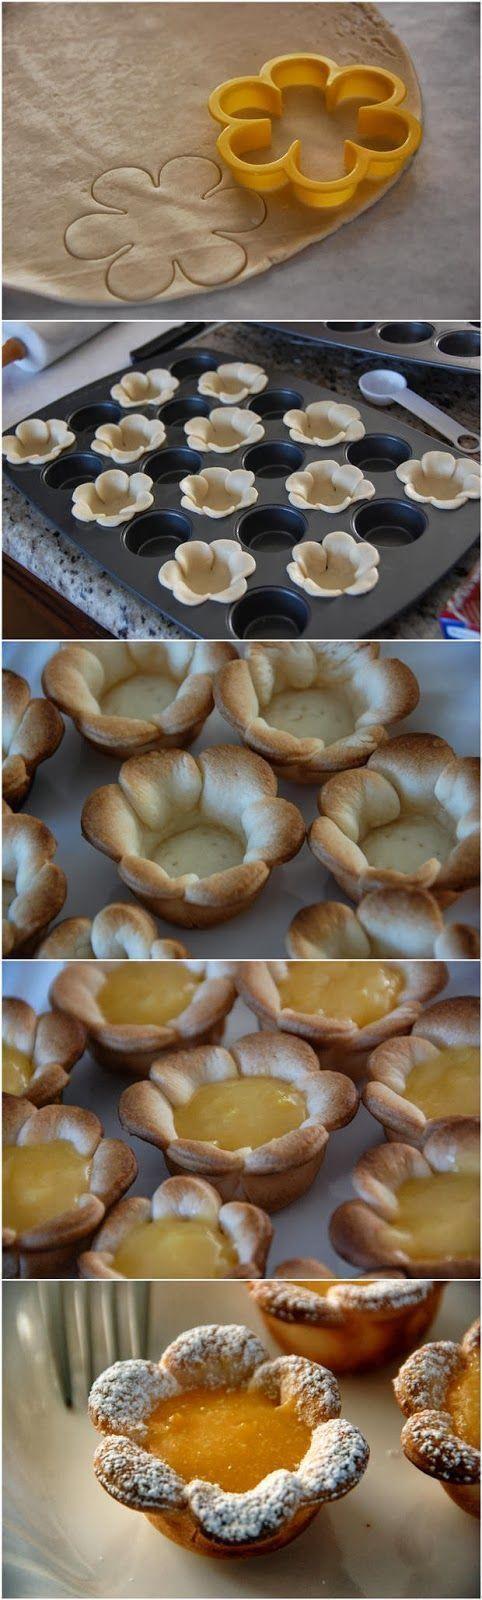 Flower shaped Mini Lemon Curd Tarts - Joybx.